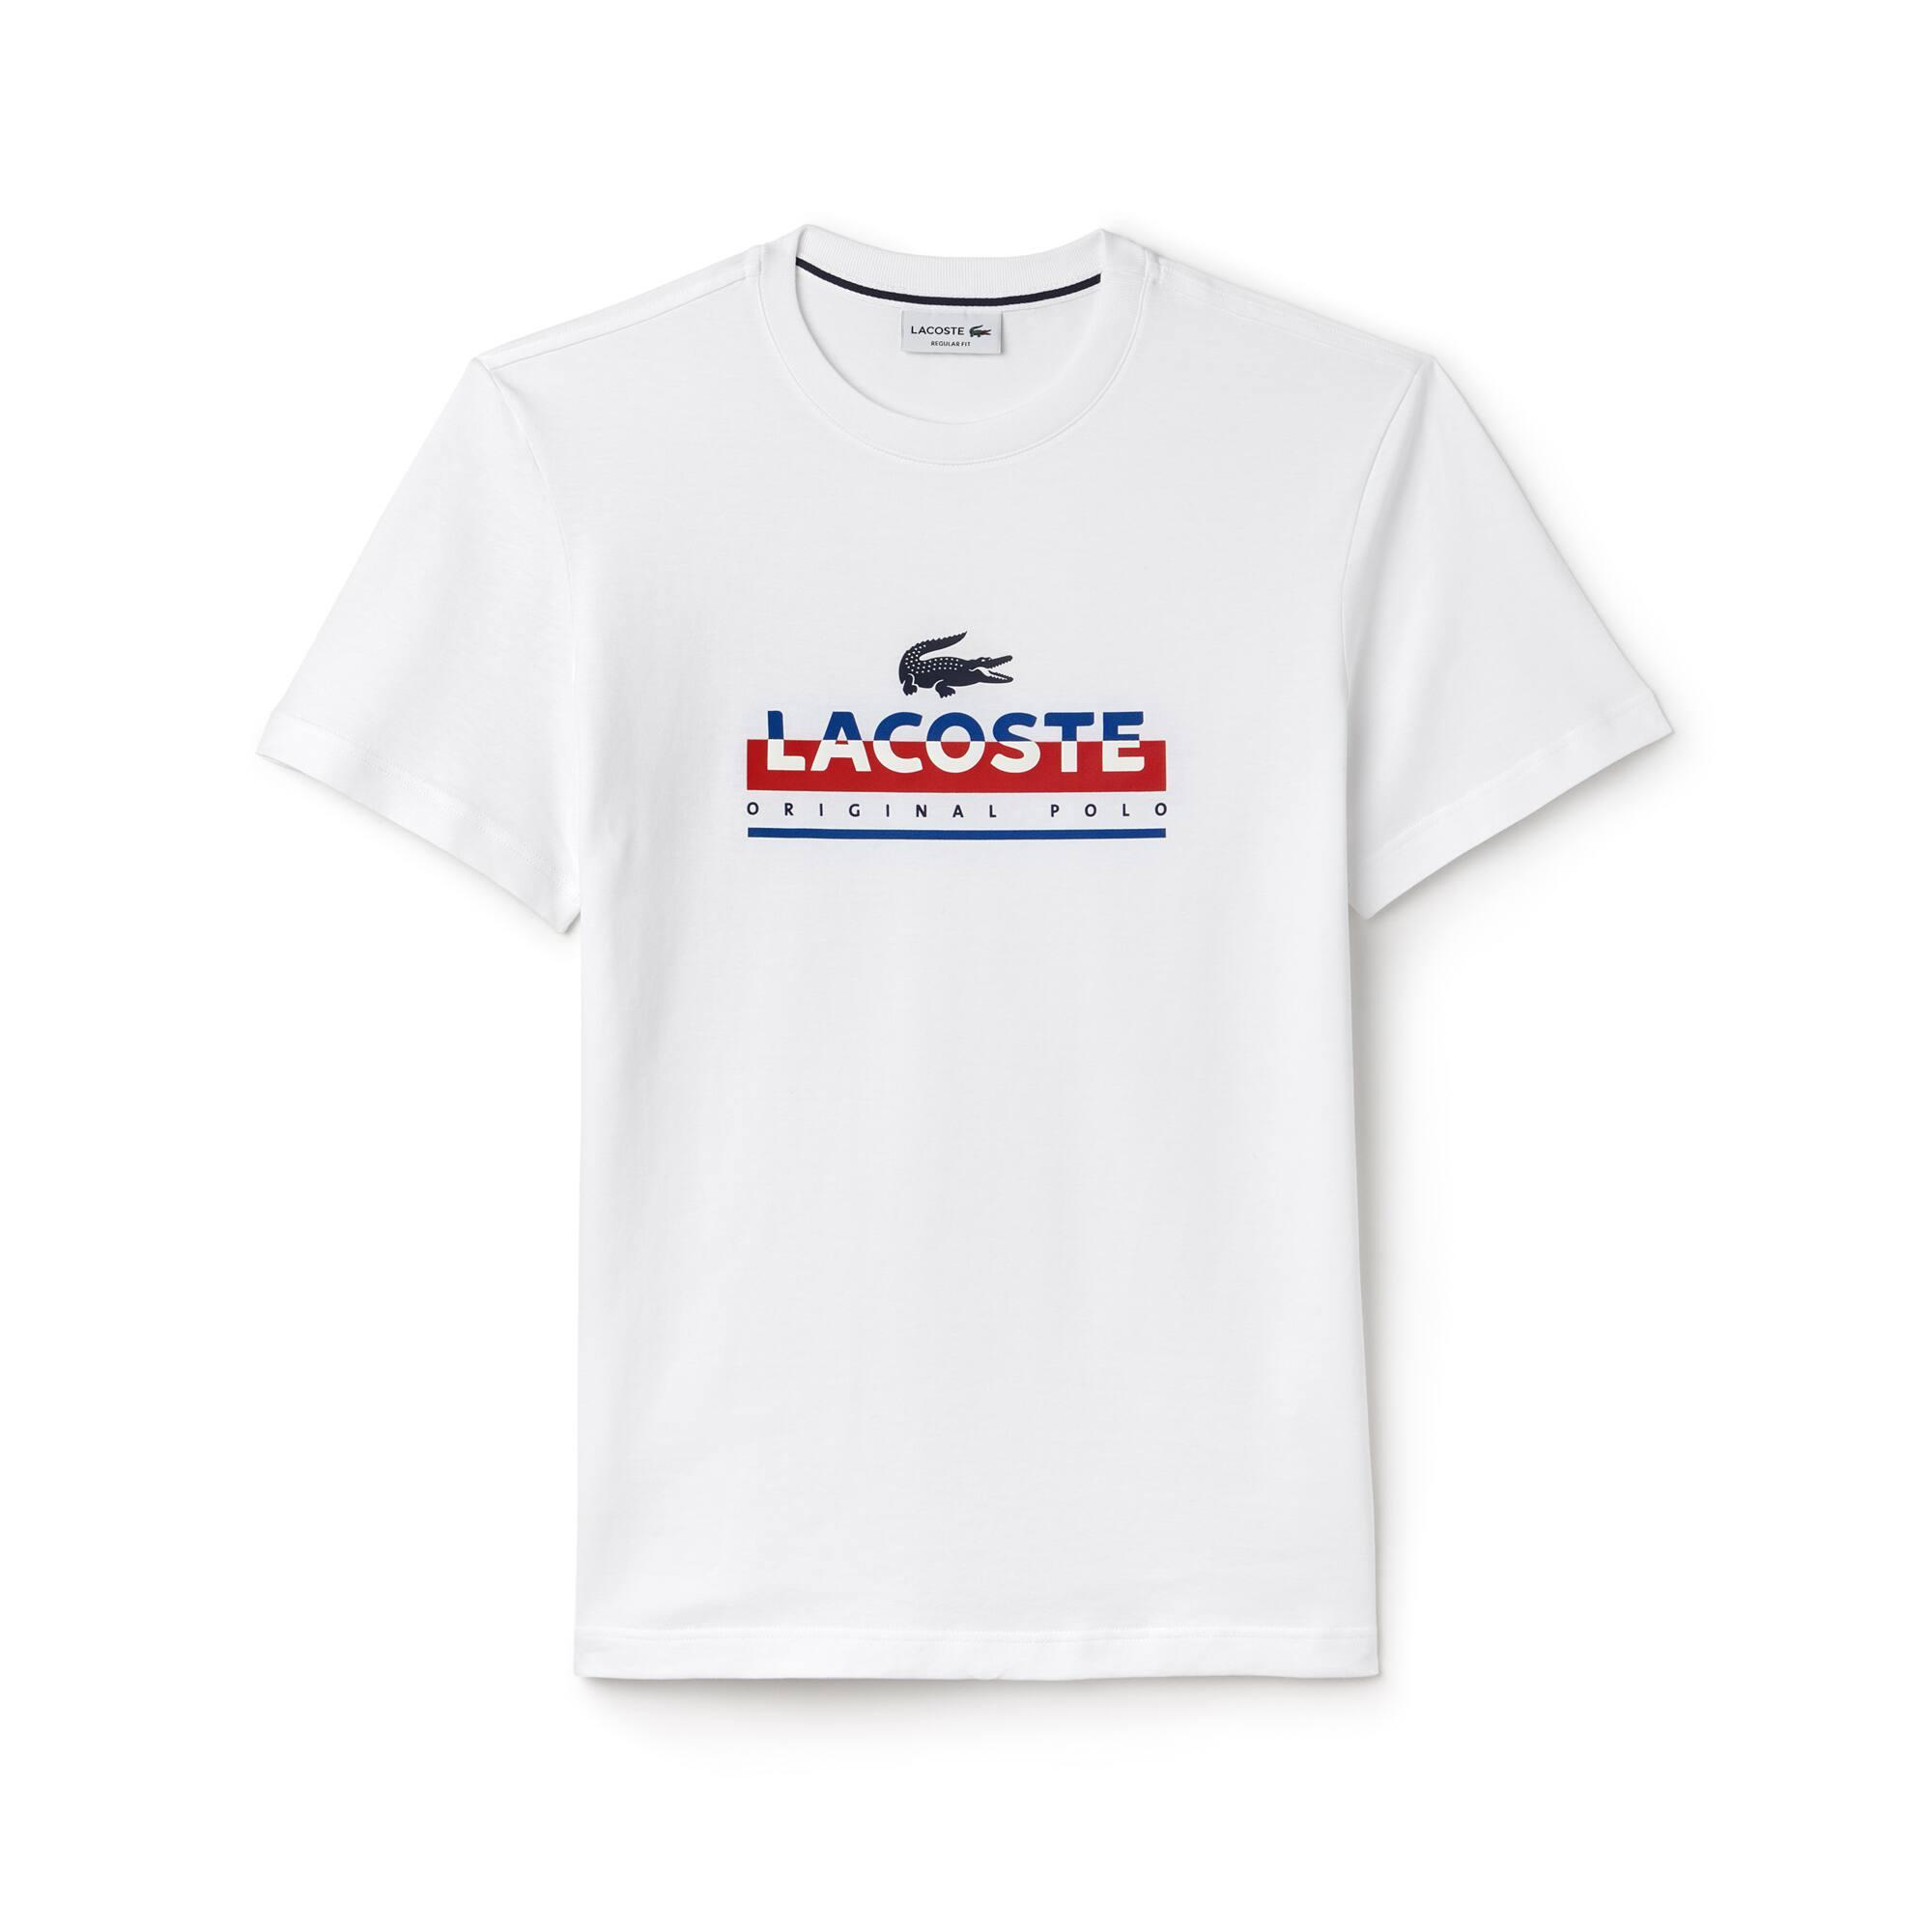 T-shirt decote redondo em jersey com inscrição impressa